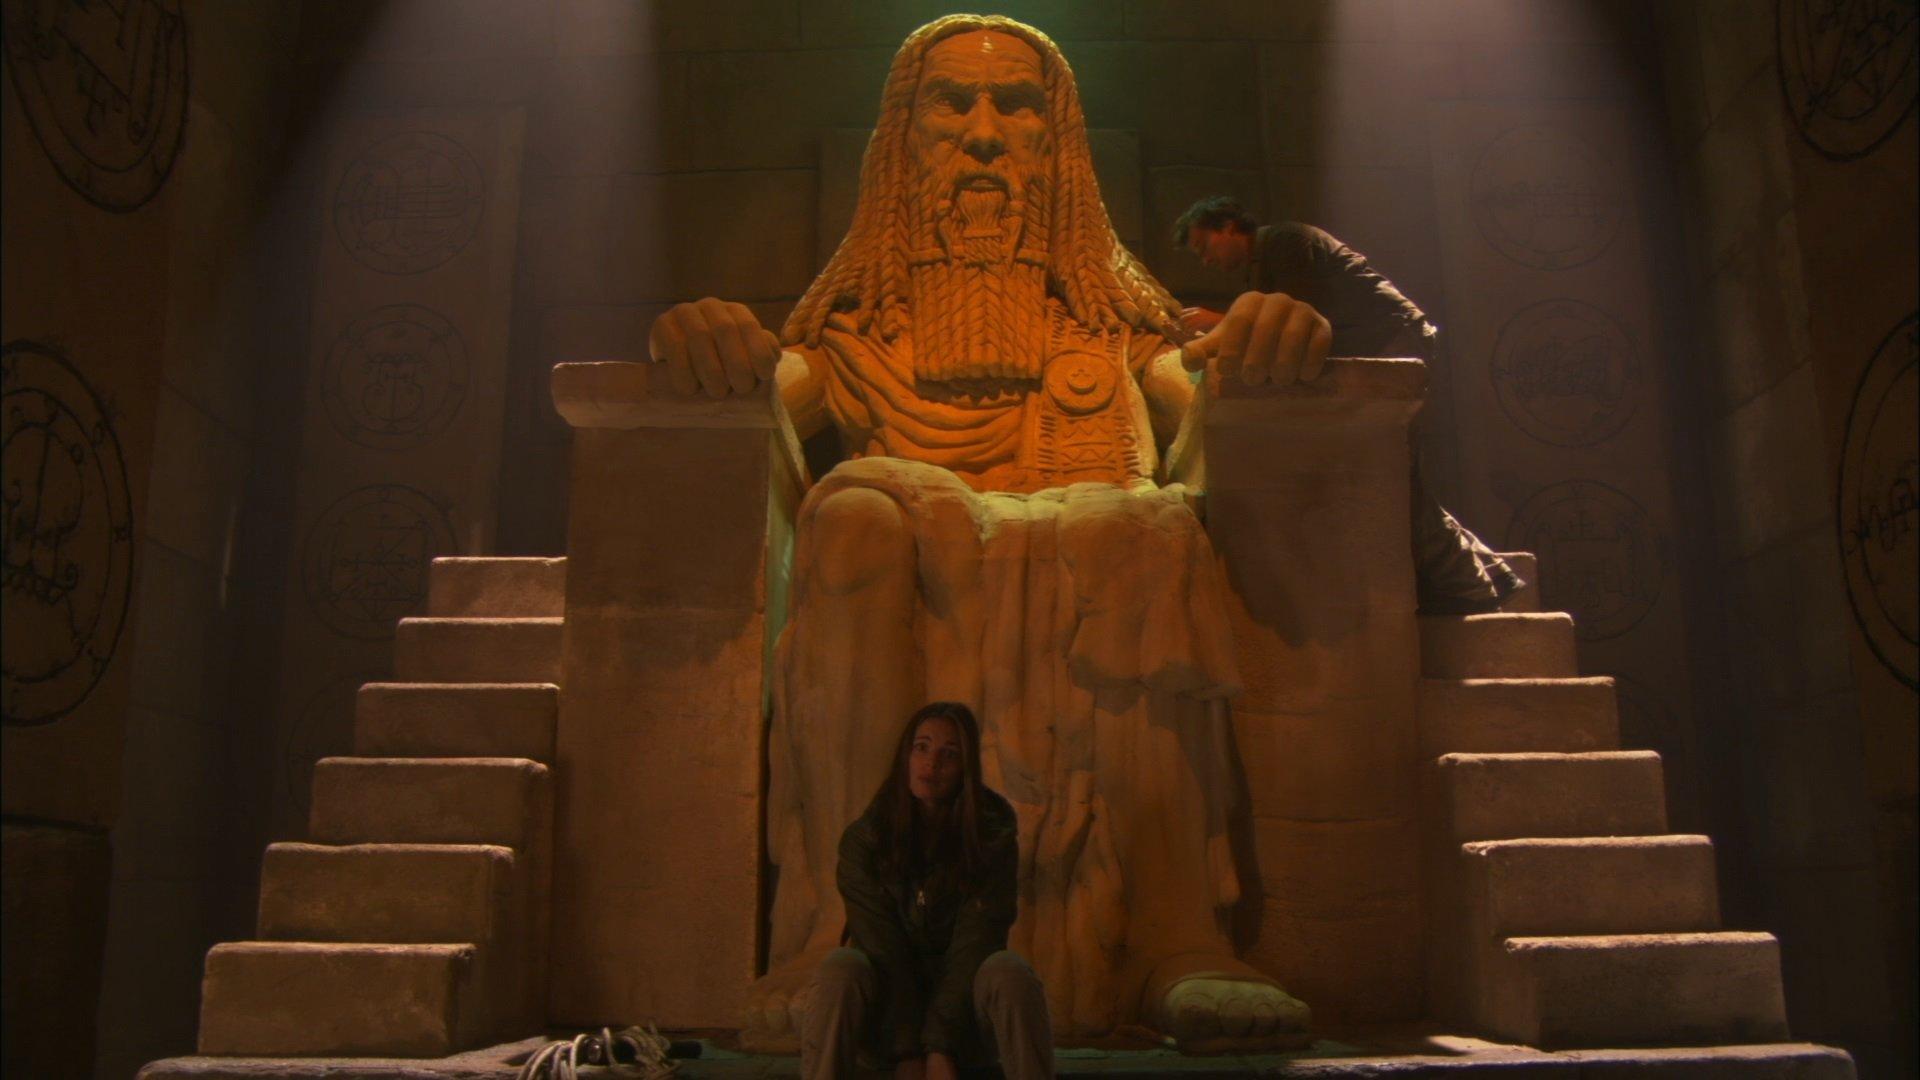 Библиотекарь-2: Возвращение в копи Царя Соломона смотреть фото